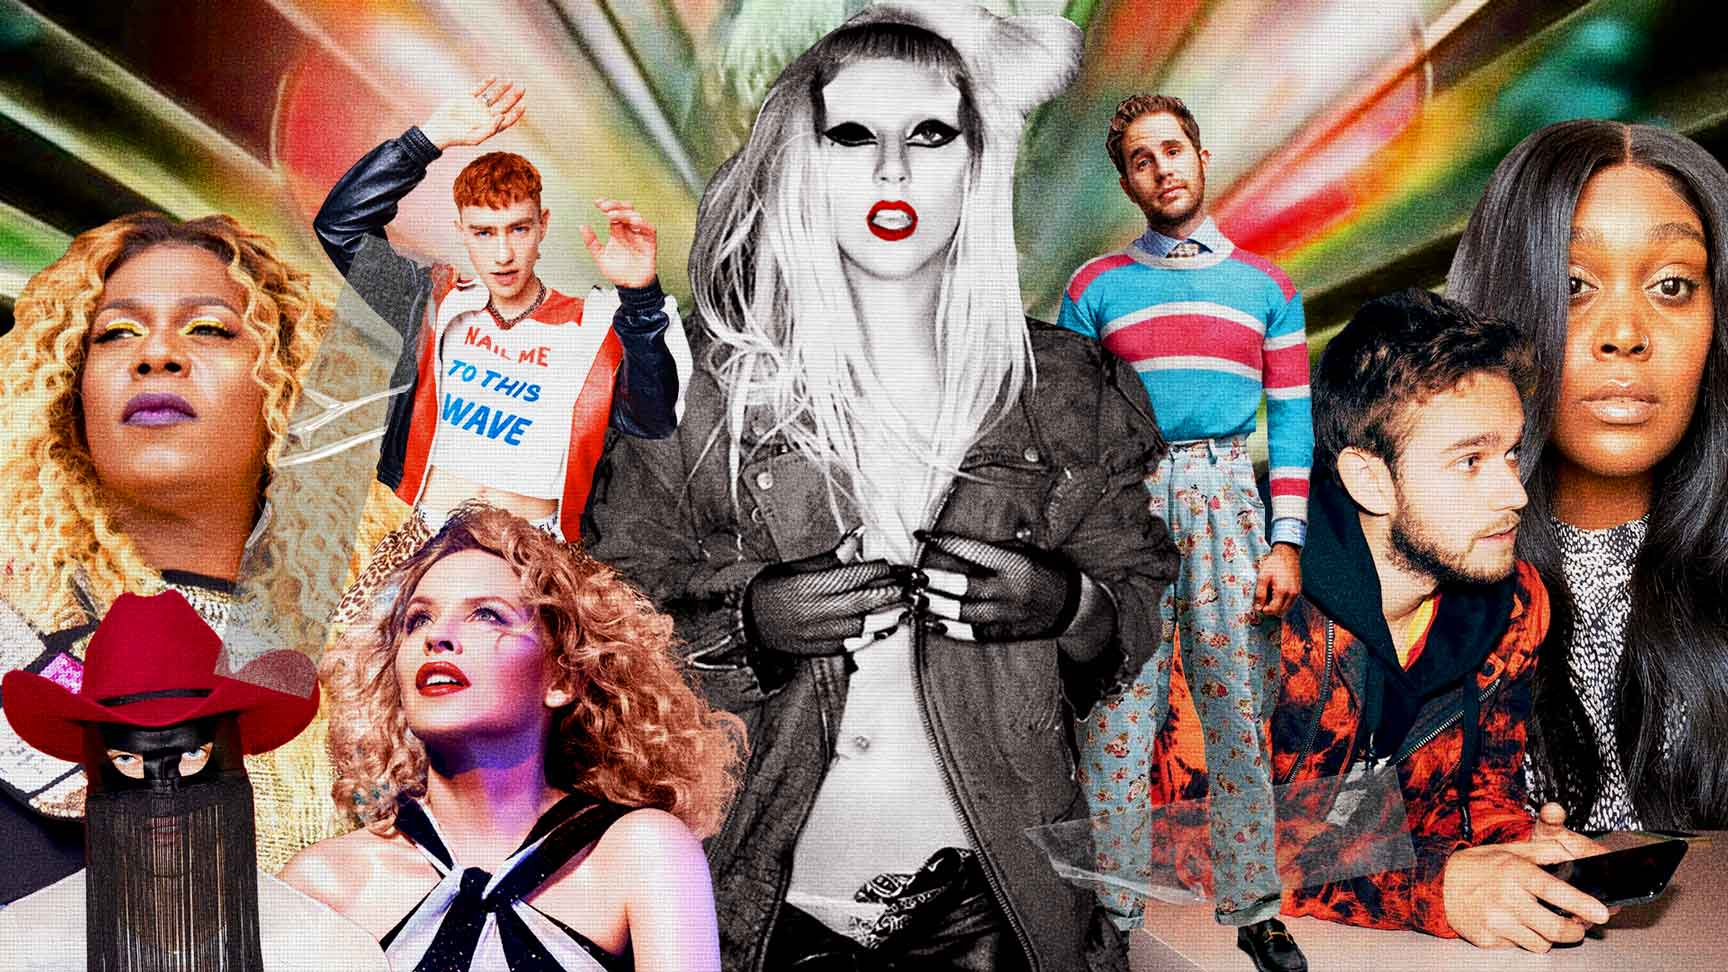 Fundo colorido com a predominância das cores vermelho, verde e amarelo. Montagem dos artistas presentes no Born This Way Reimagined, com Lady Gaga no centro em preto e branco. Ao lado esquerdo Big Freedia, Years & Years, Orville Peck e Kylie Minogue. Ao lado direito da foto, Ben Platt, Zedd e Brittney Spencer